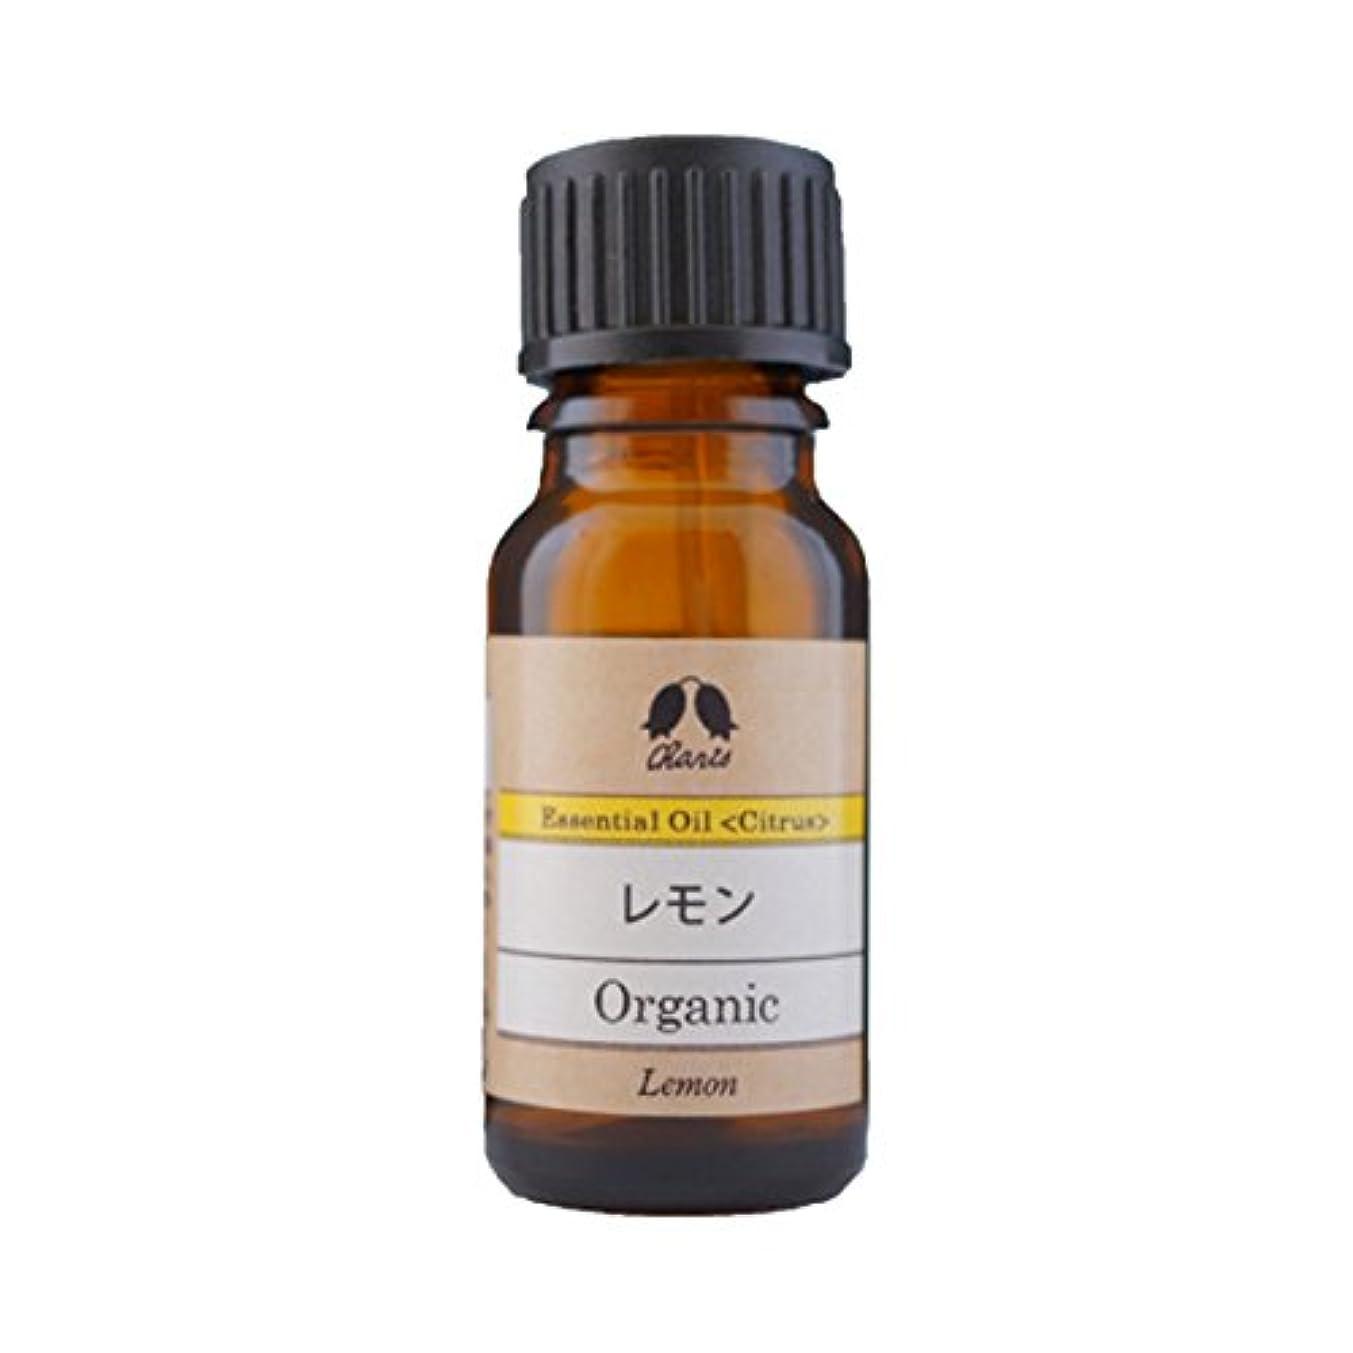 ペースバラ色送料カリス エッセンシャルオイル レモン オーガニック オイル 10ml